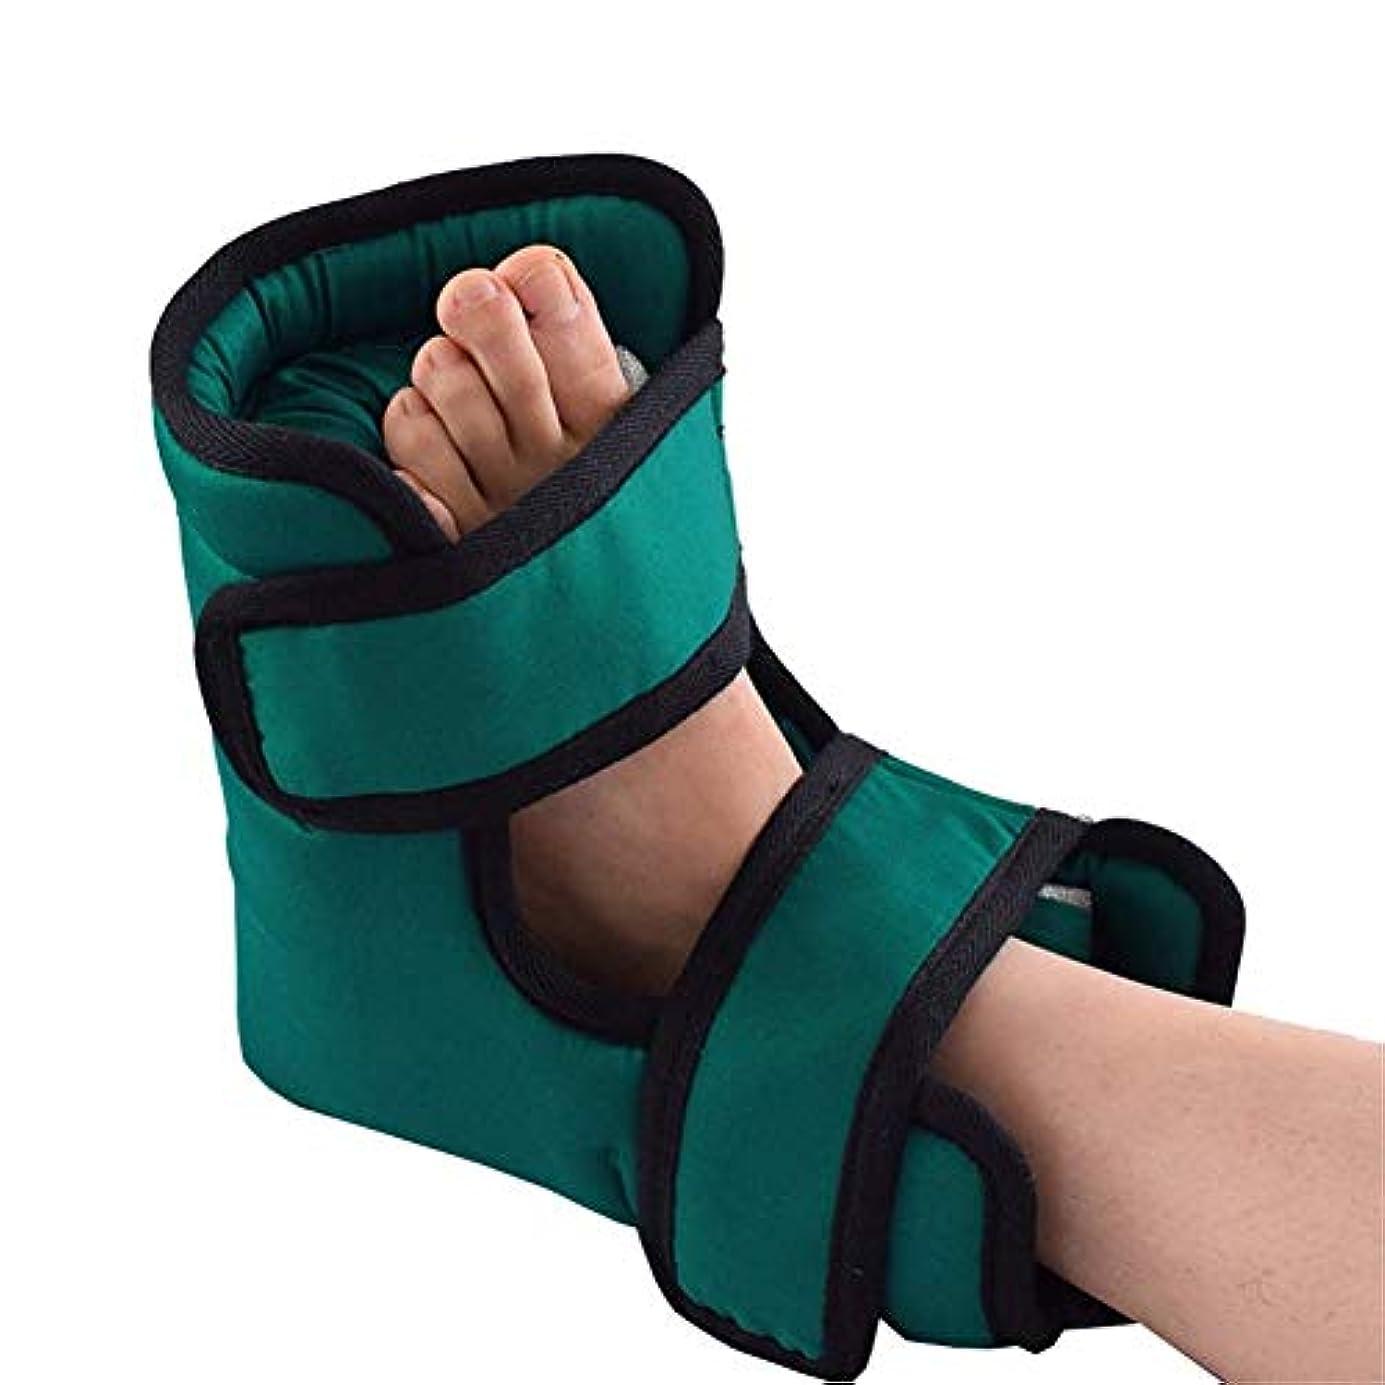 債務者パイプバレーボール1組抗床ずれヒールプロテクター枕、圧力緩和ヒールプロテクター、患者ケアヒールパッド足首プロテクタークッション、効果的な床ずれおよび足潰瘍緩和フットピロー